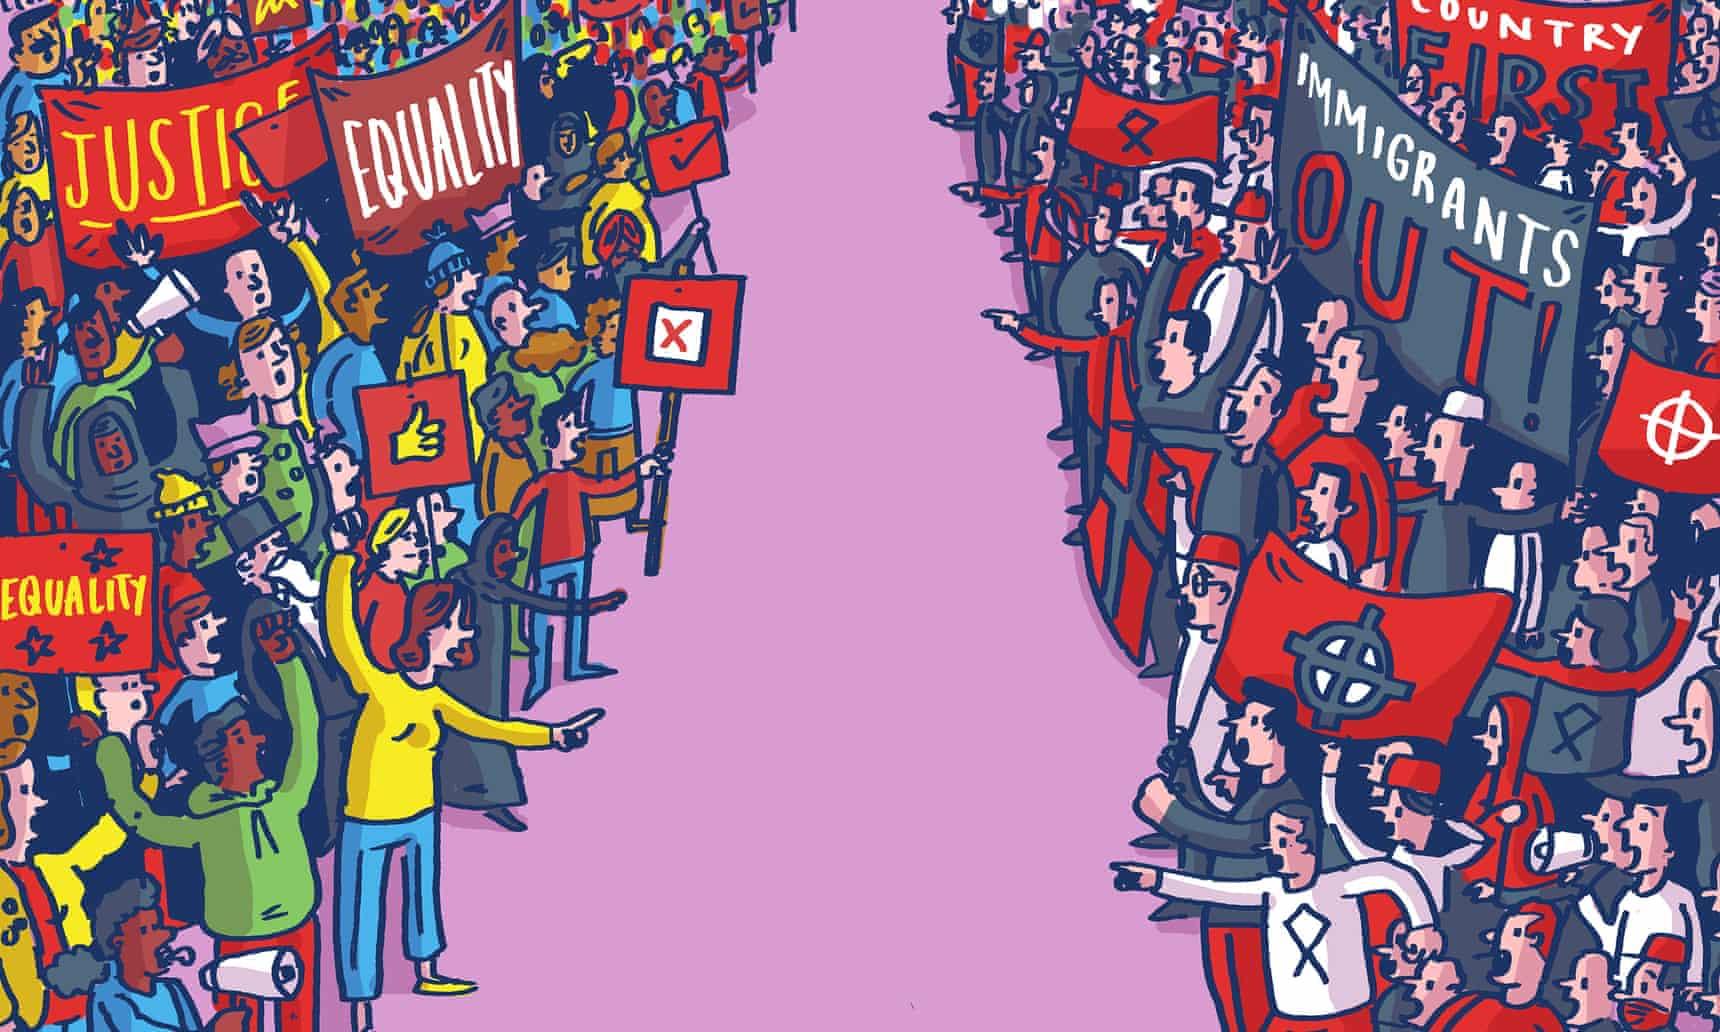 پوپولیسم و روزگار مشوش دموکراسیزمان مطالعه: ۵ دقیقه